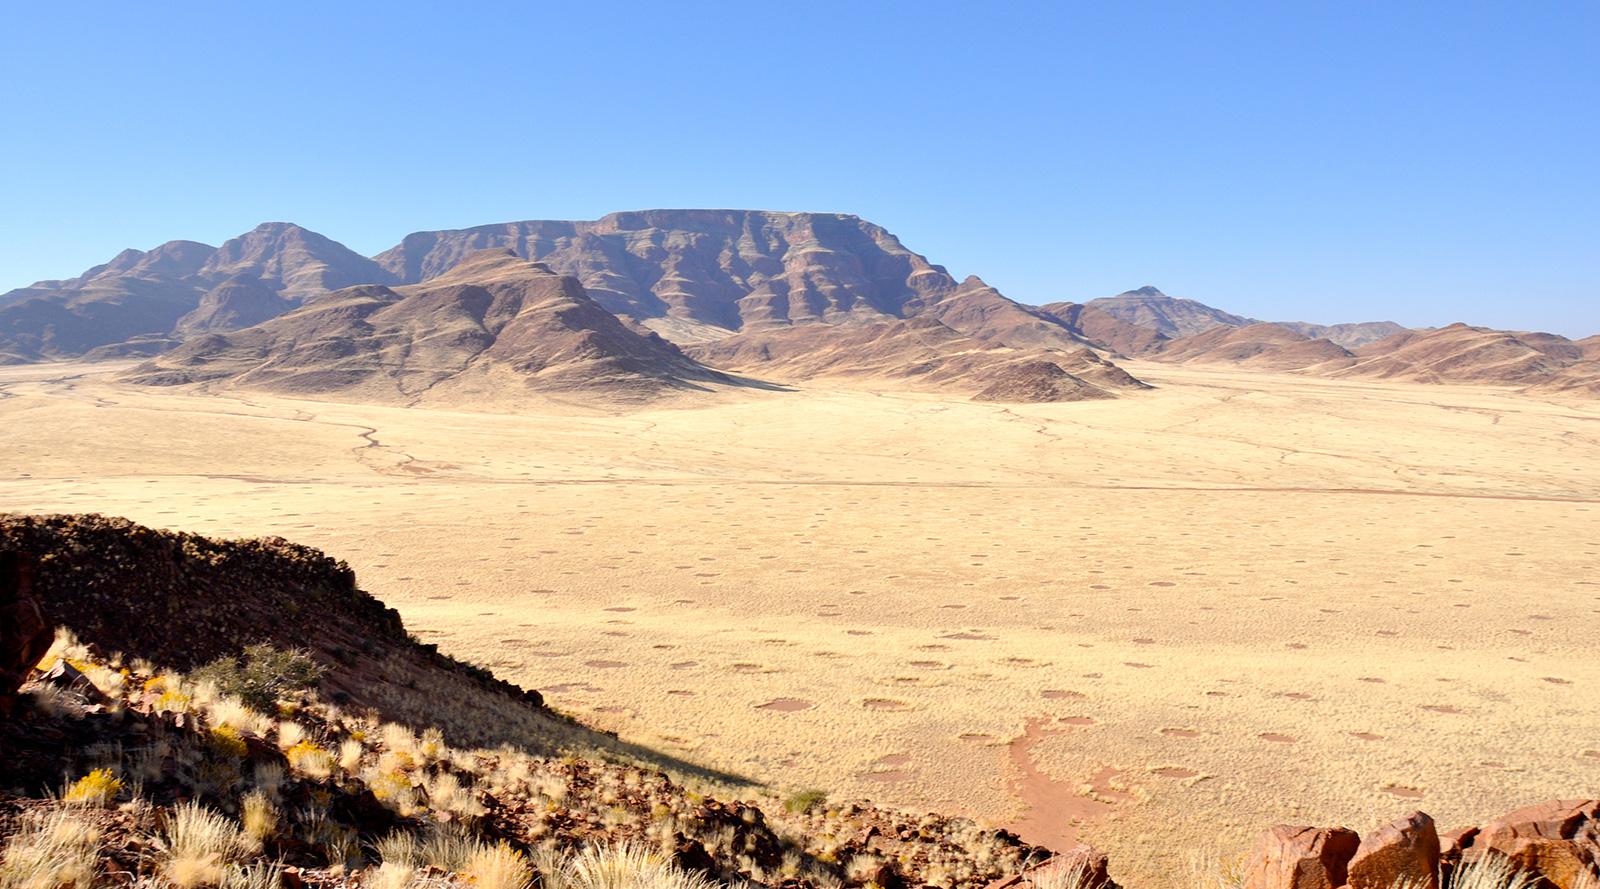 © Benedetta Mazzini | Namib Desert, Namibia